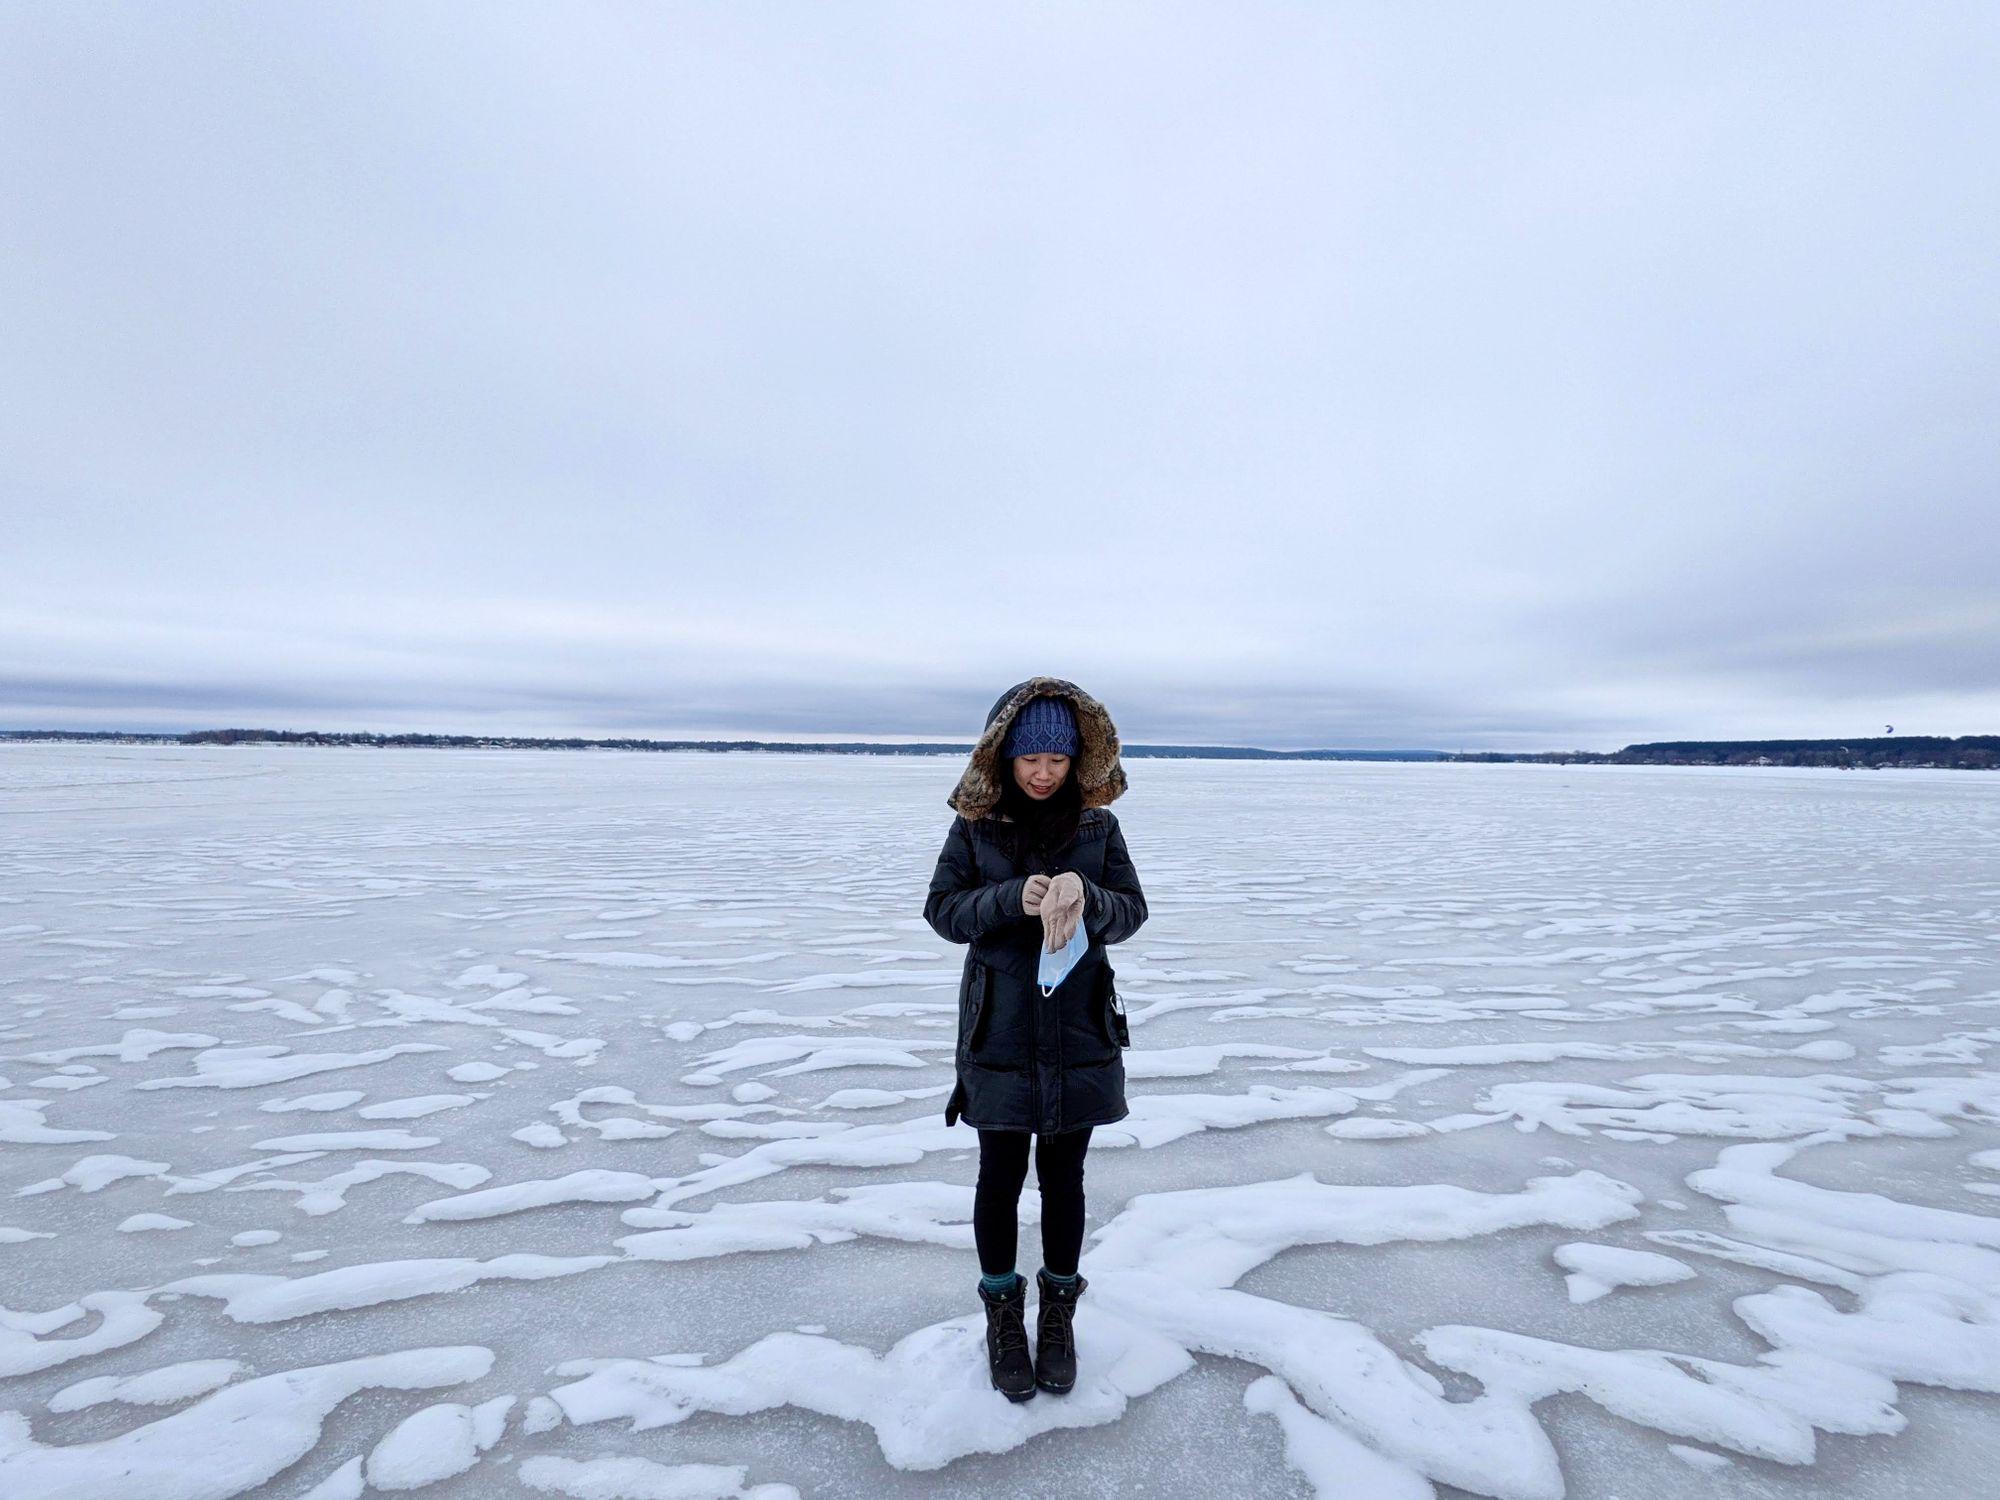 #2生活週記 - 寒冷的冬天還是有很多樂趣